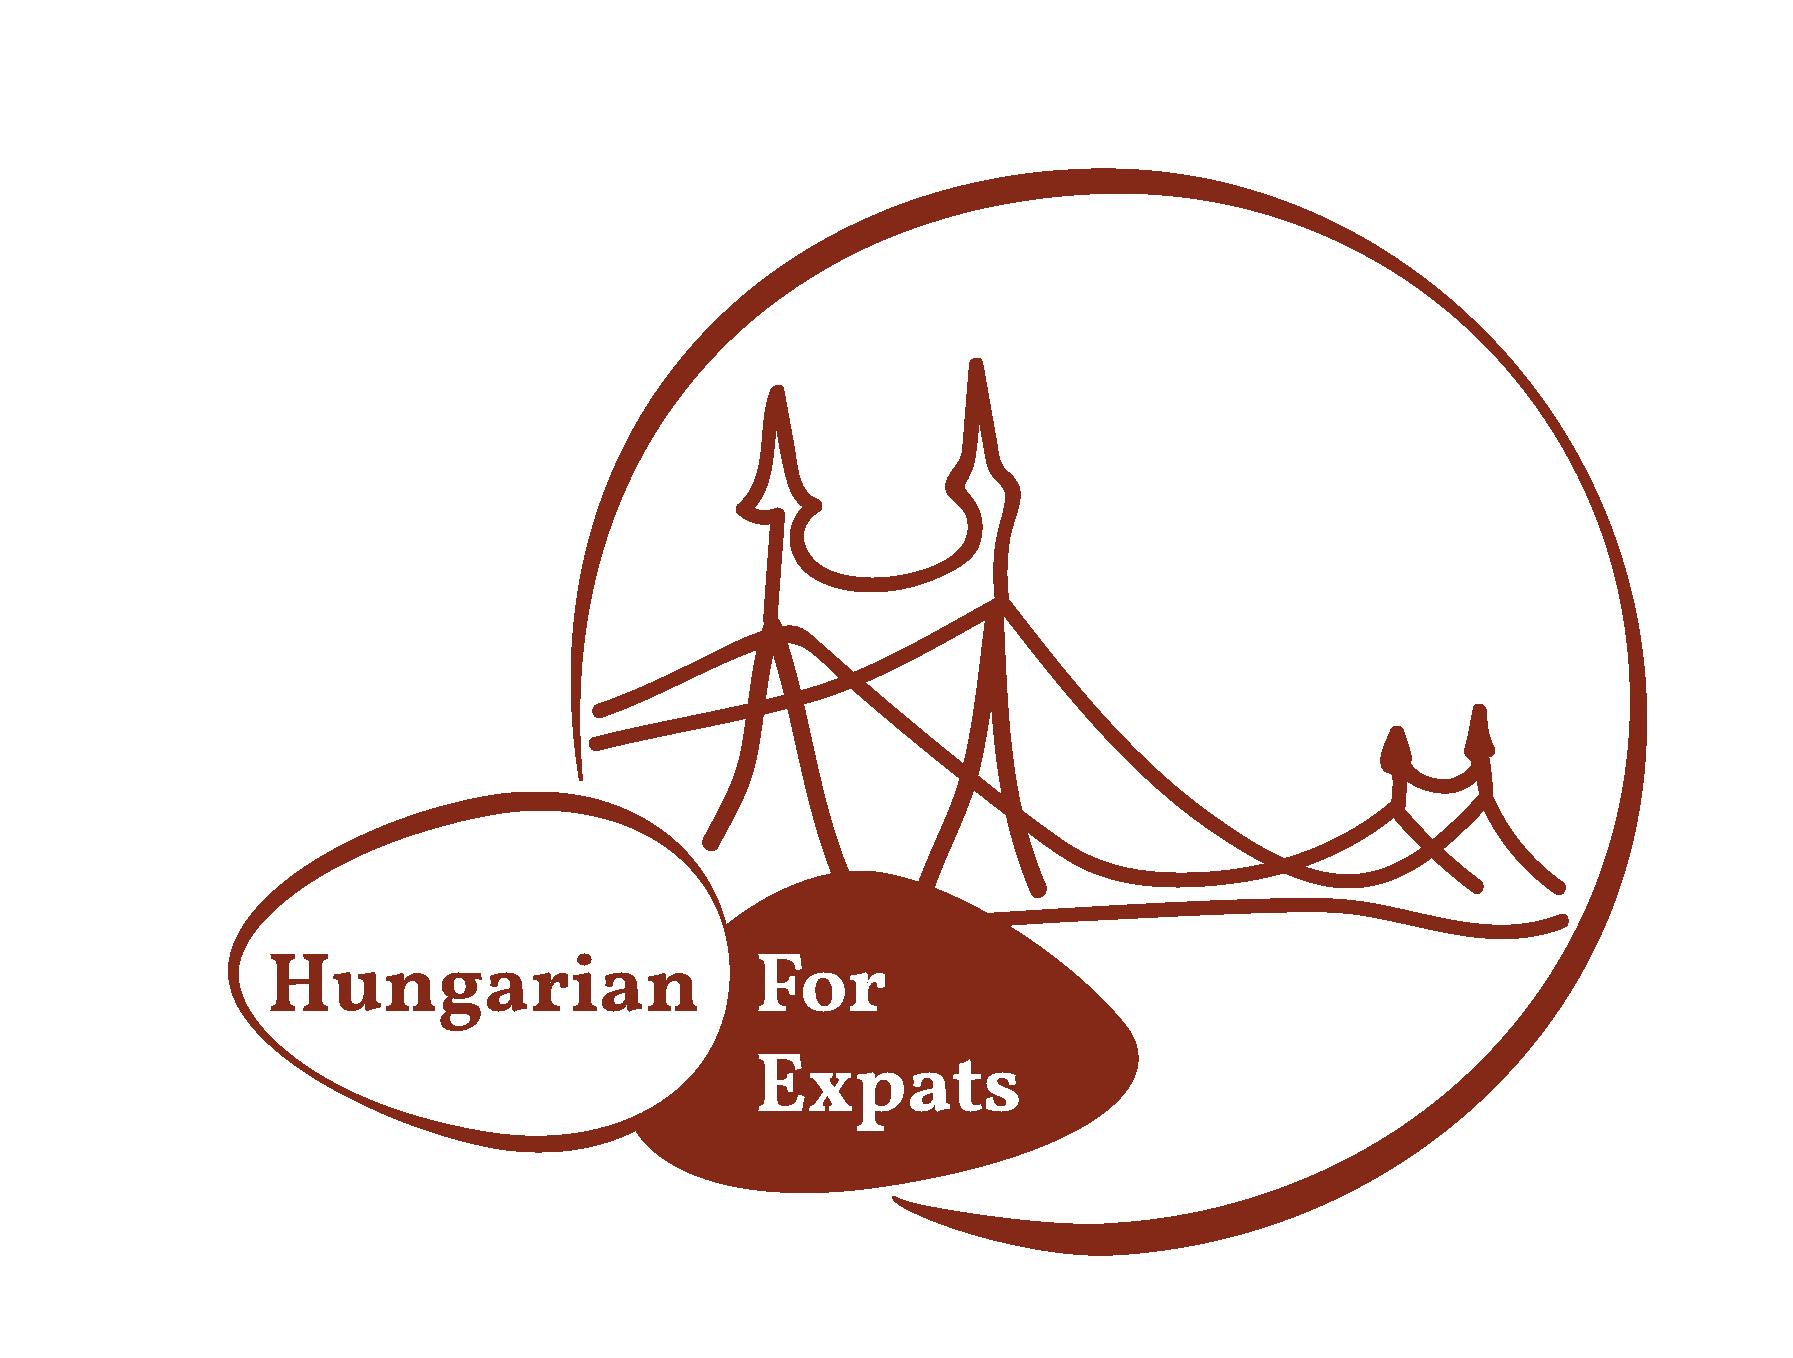 HungarianForExpats